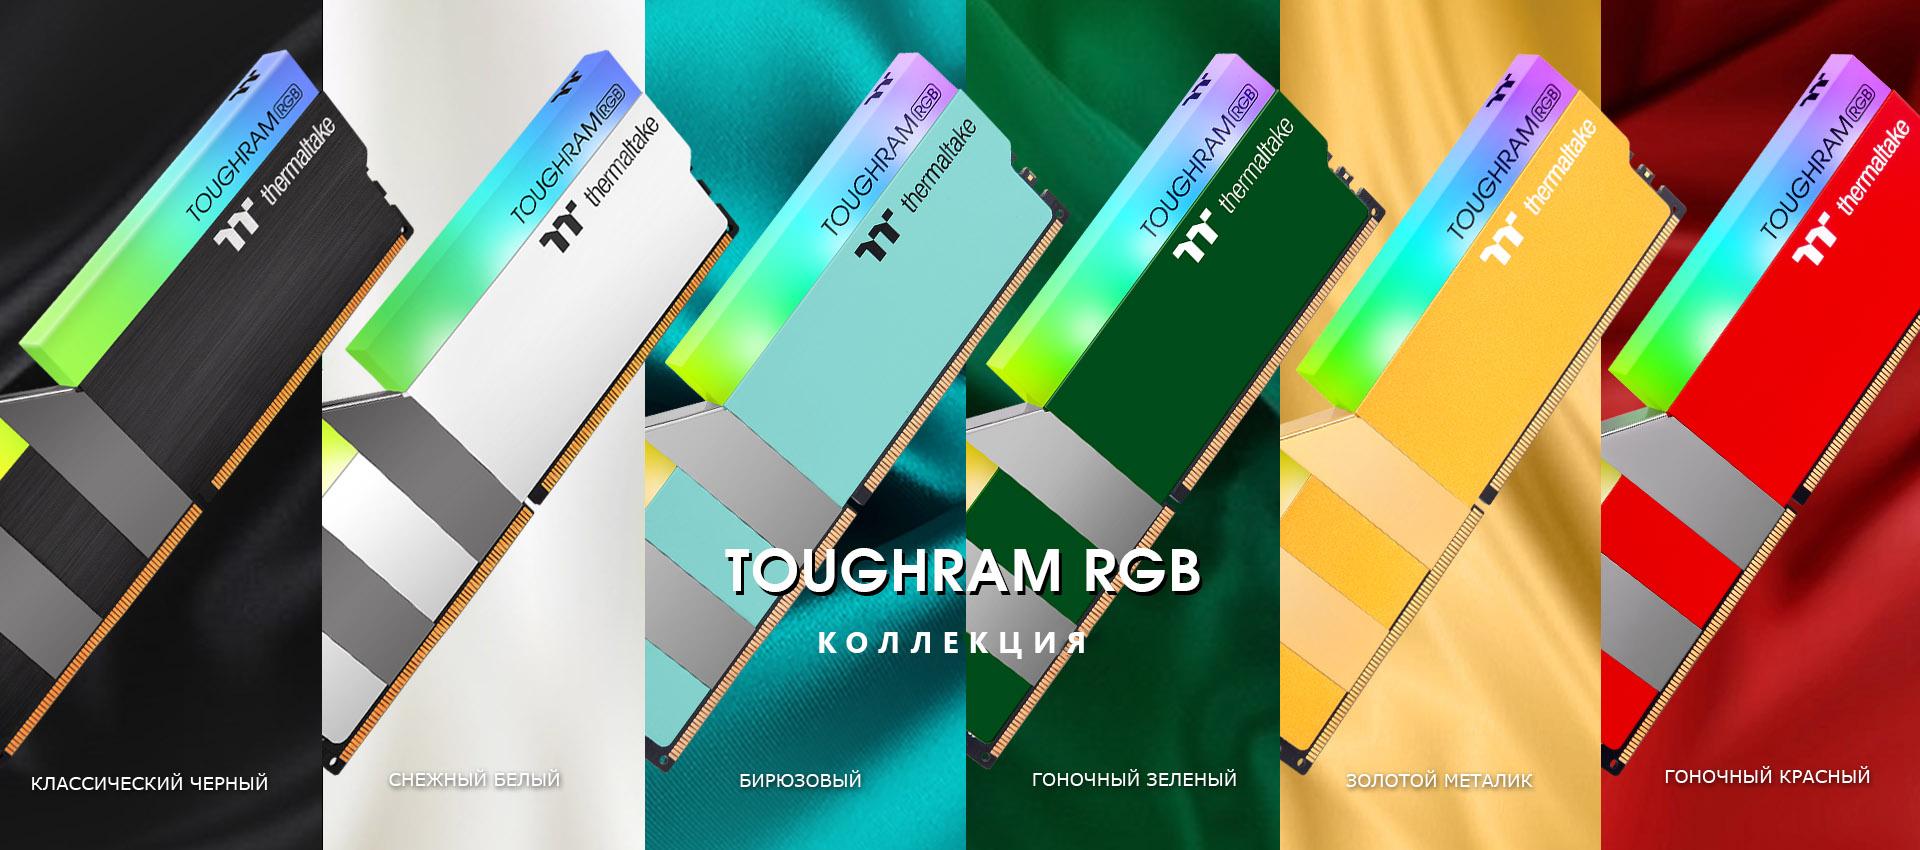 toughram